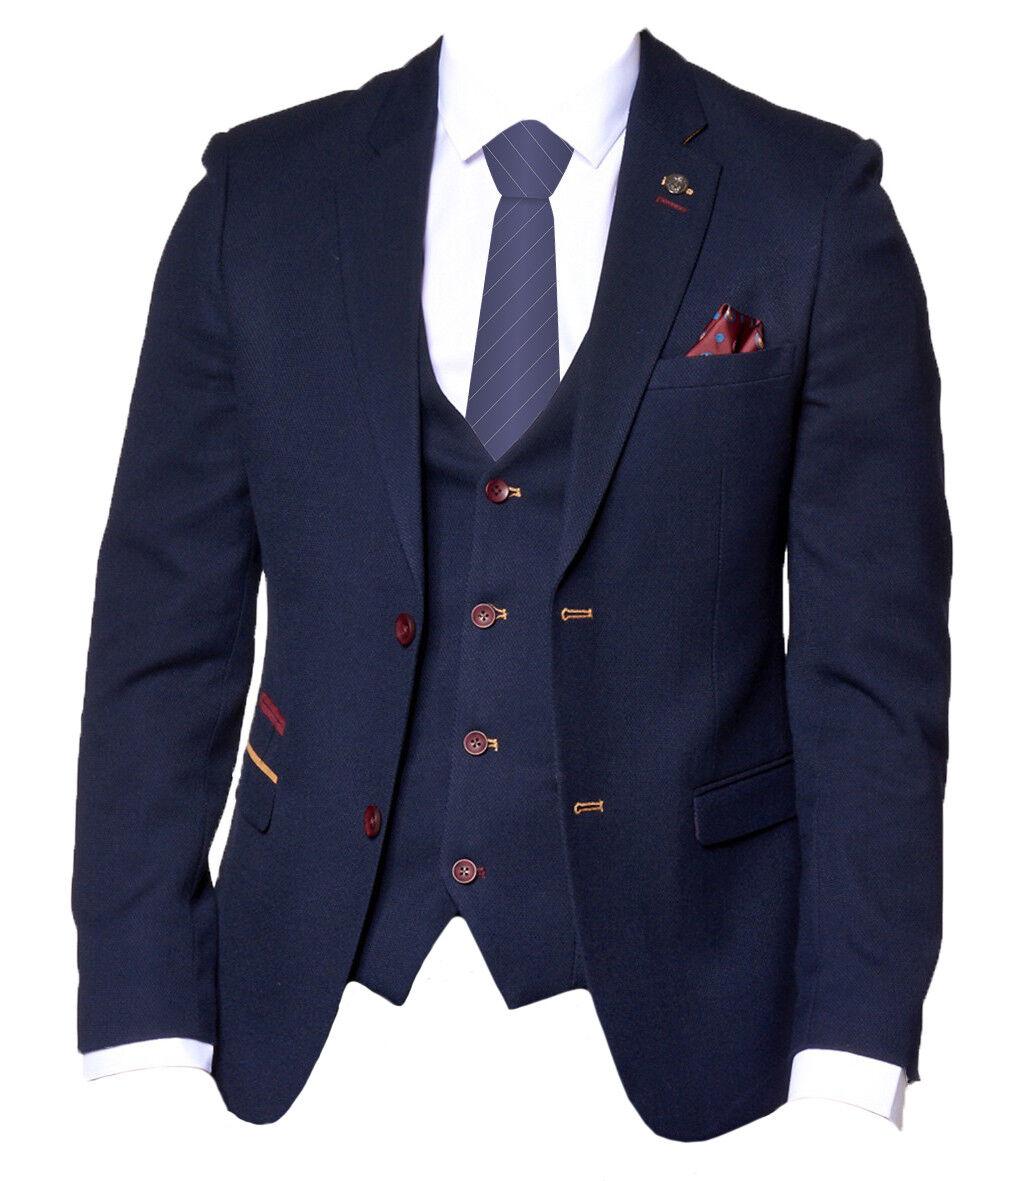 Herren Marc Darcy Formal Designer Blazer ( Peaky Blinders ) JD4 - Navy Blau